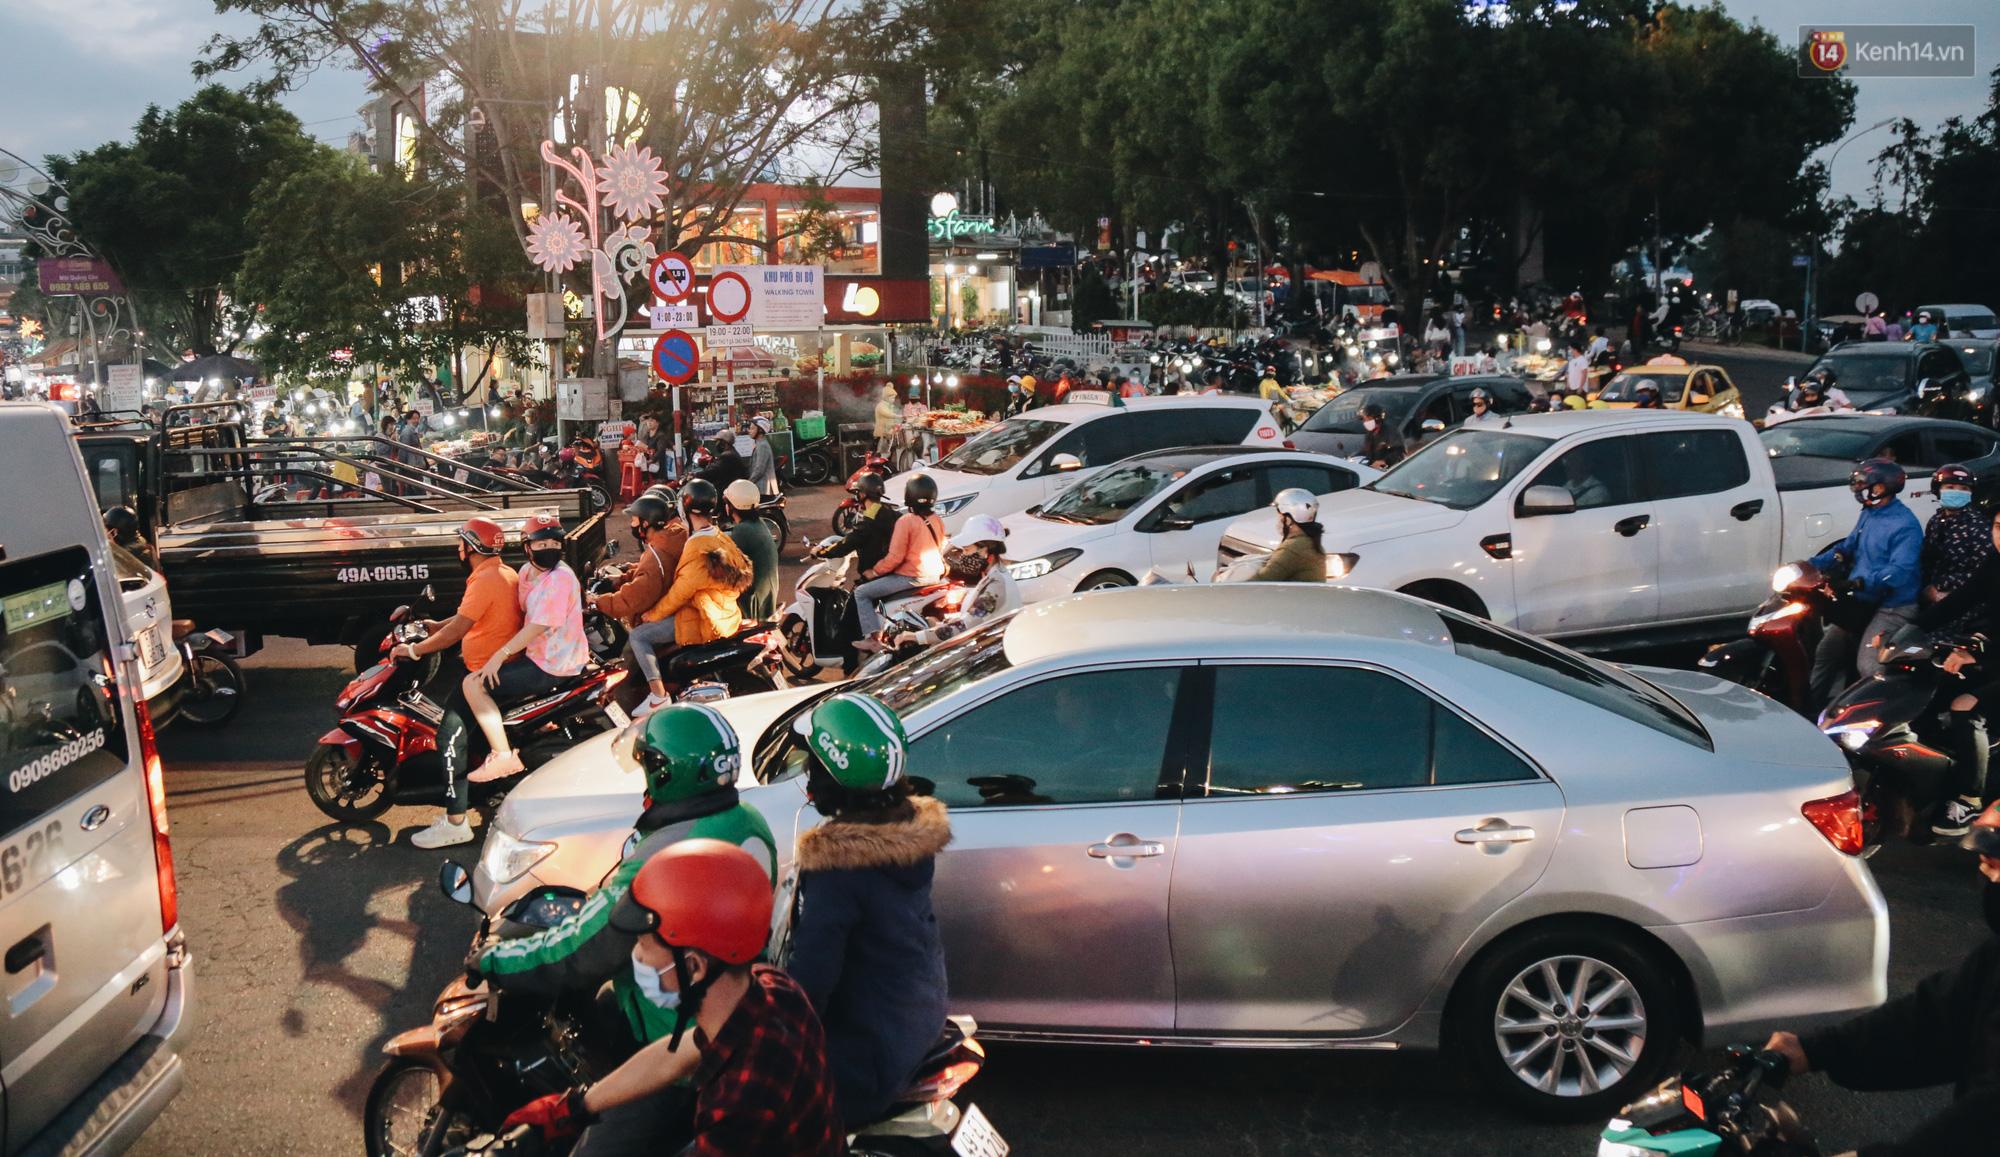 Trung tâm TP. Đà Lạt tê liệt từ chiều đến tối do lượng du khách tăng đột biến dịp lễ 30/4 - Ảnh 5.